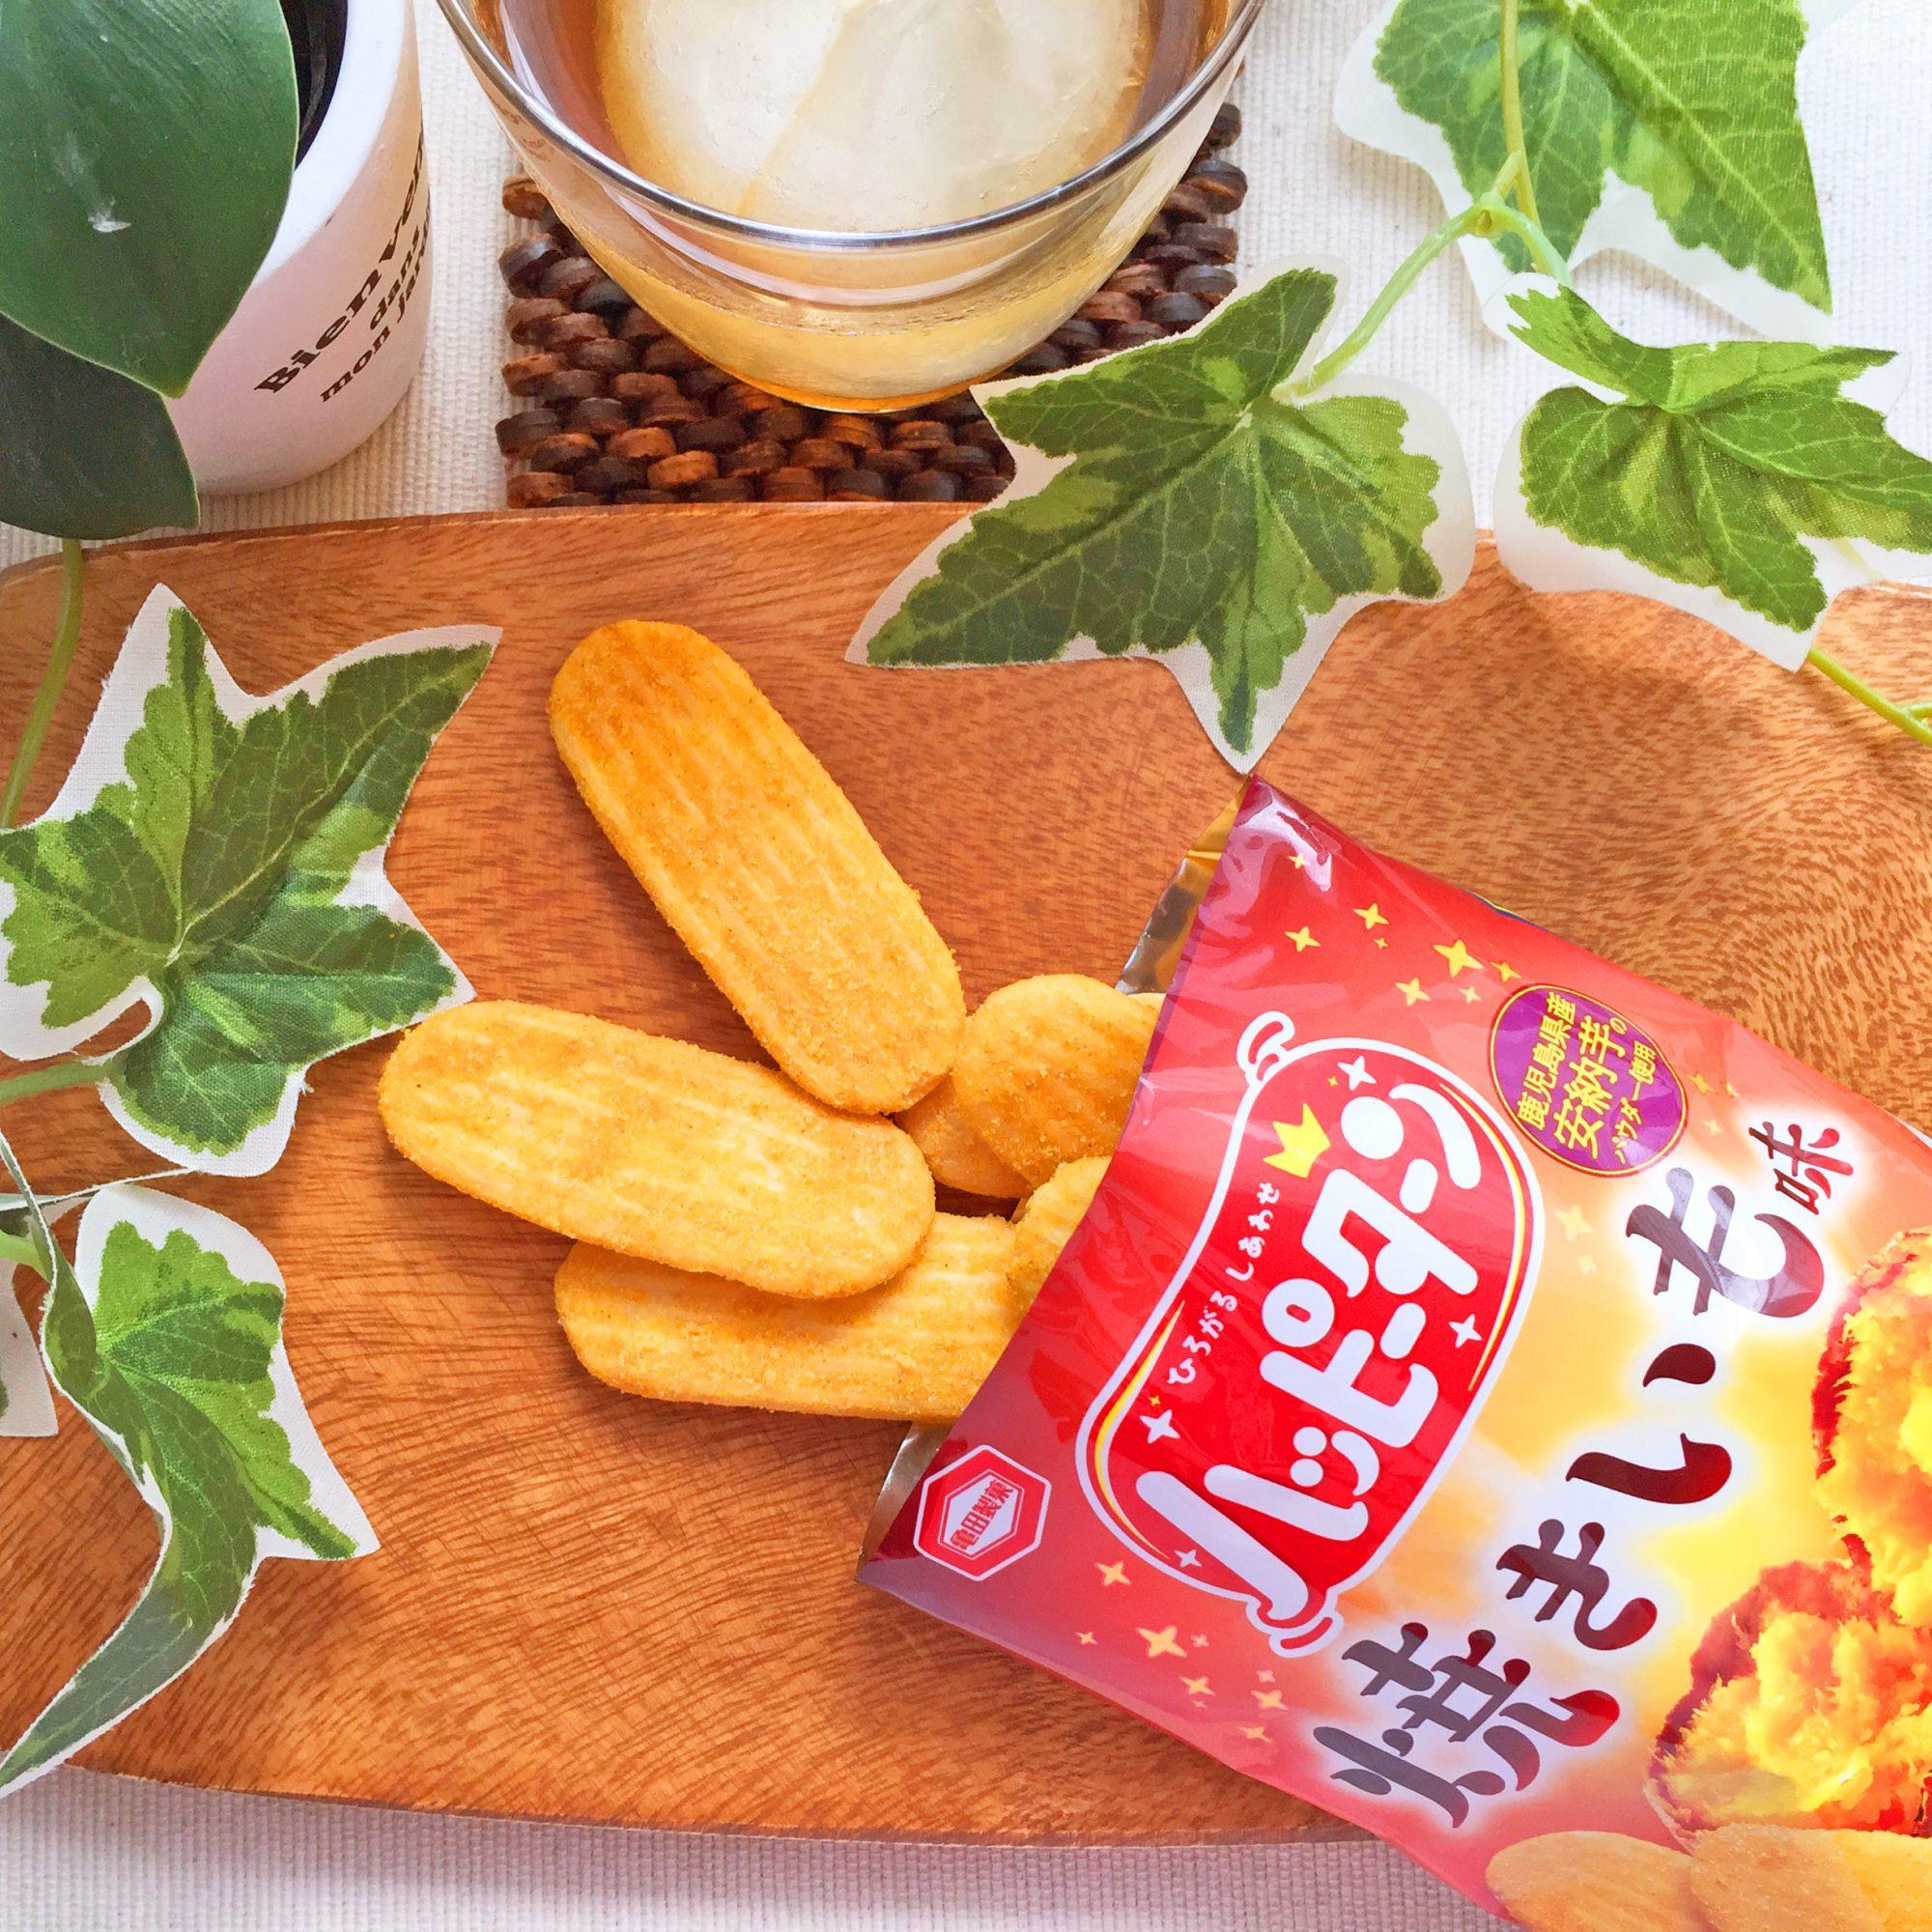 亀田『ハッピーターン 焼きいも味』は驚異的な再現度の焼きいもがクセになる甘じょっぱスイーツ系せんべい!